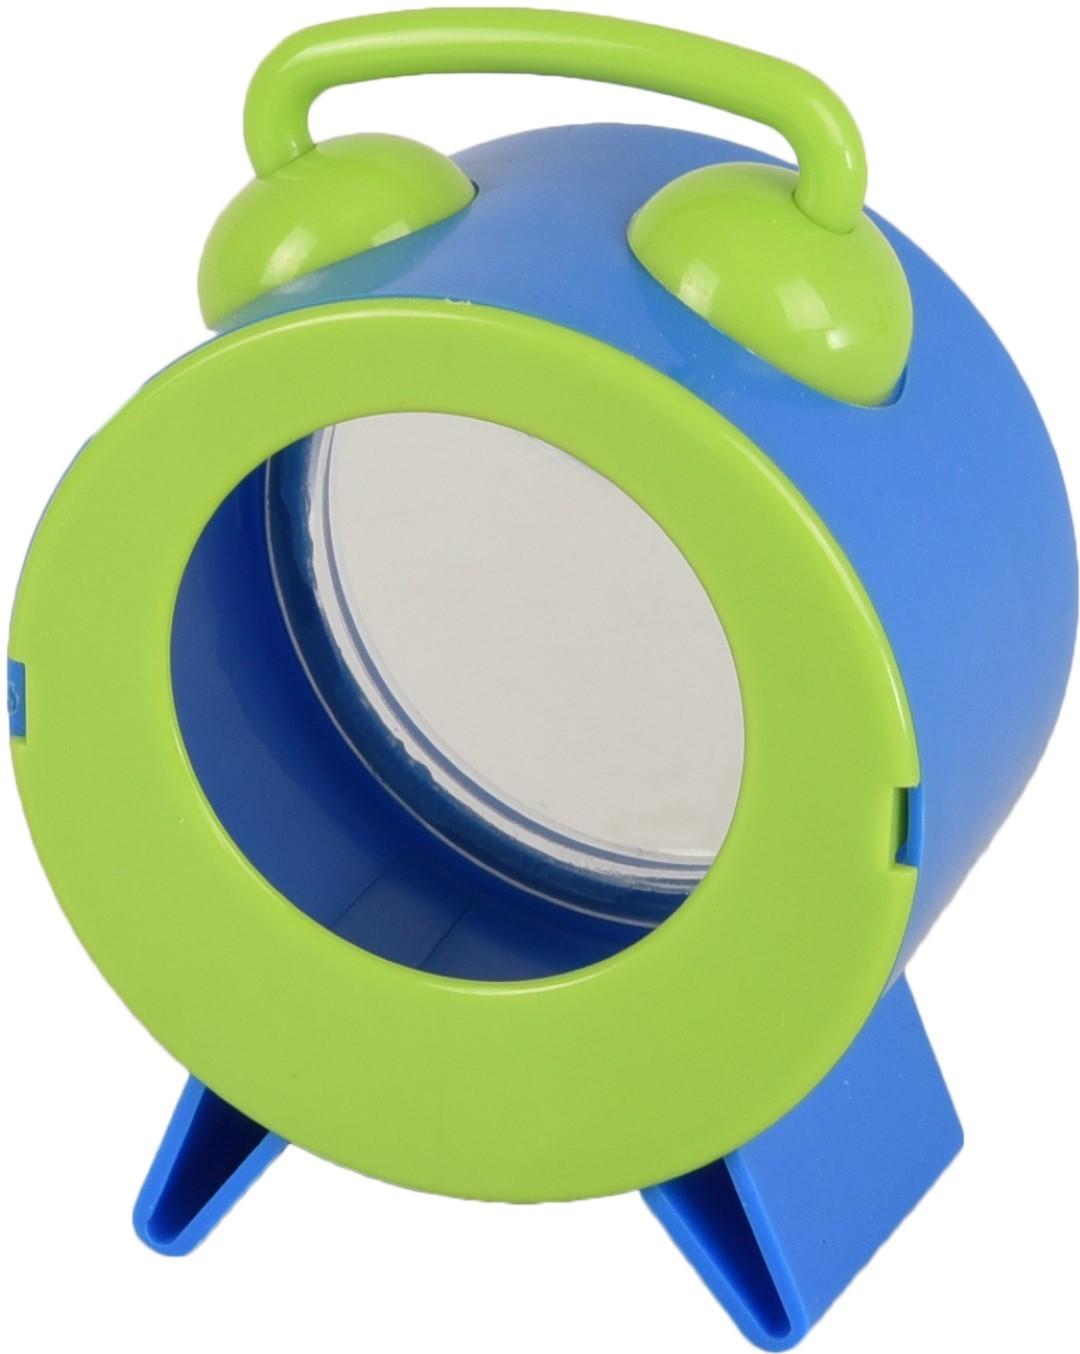 Knaagdierspeelgoed bertrand wekker blauw 8,5x7,5x12 cm Flamingo